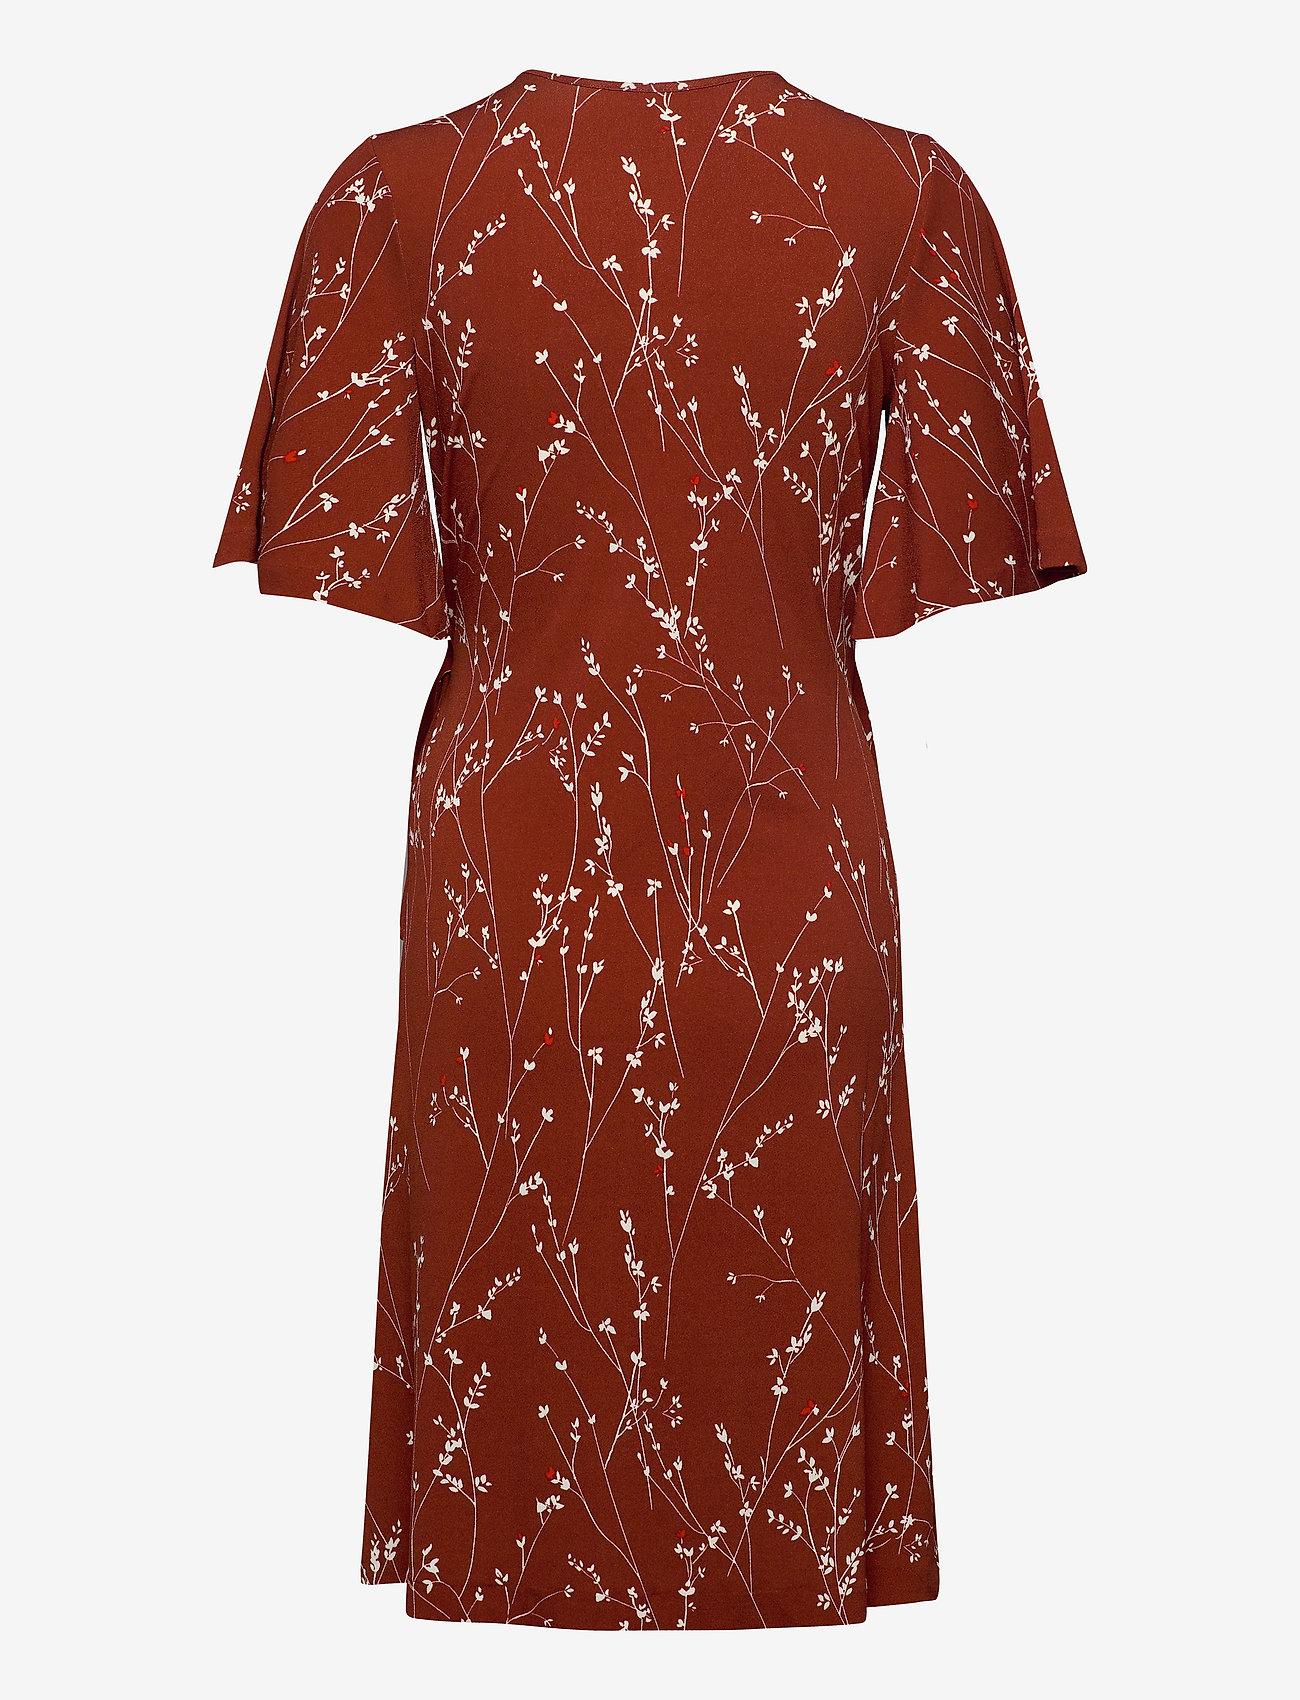 InWear KalvinIW Wrap Dress - Kjoler CAYENNE BRANCHES - Dameklær Spesialtilbud